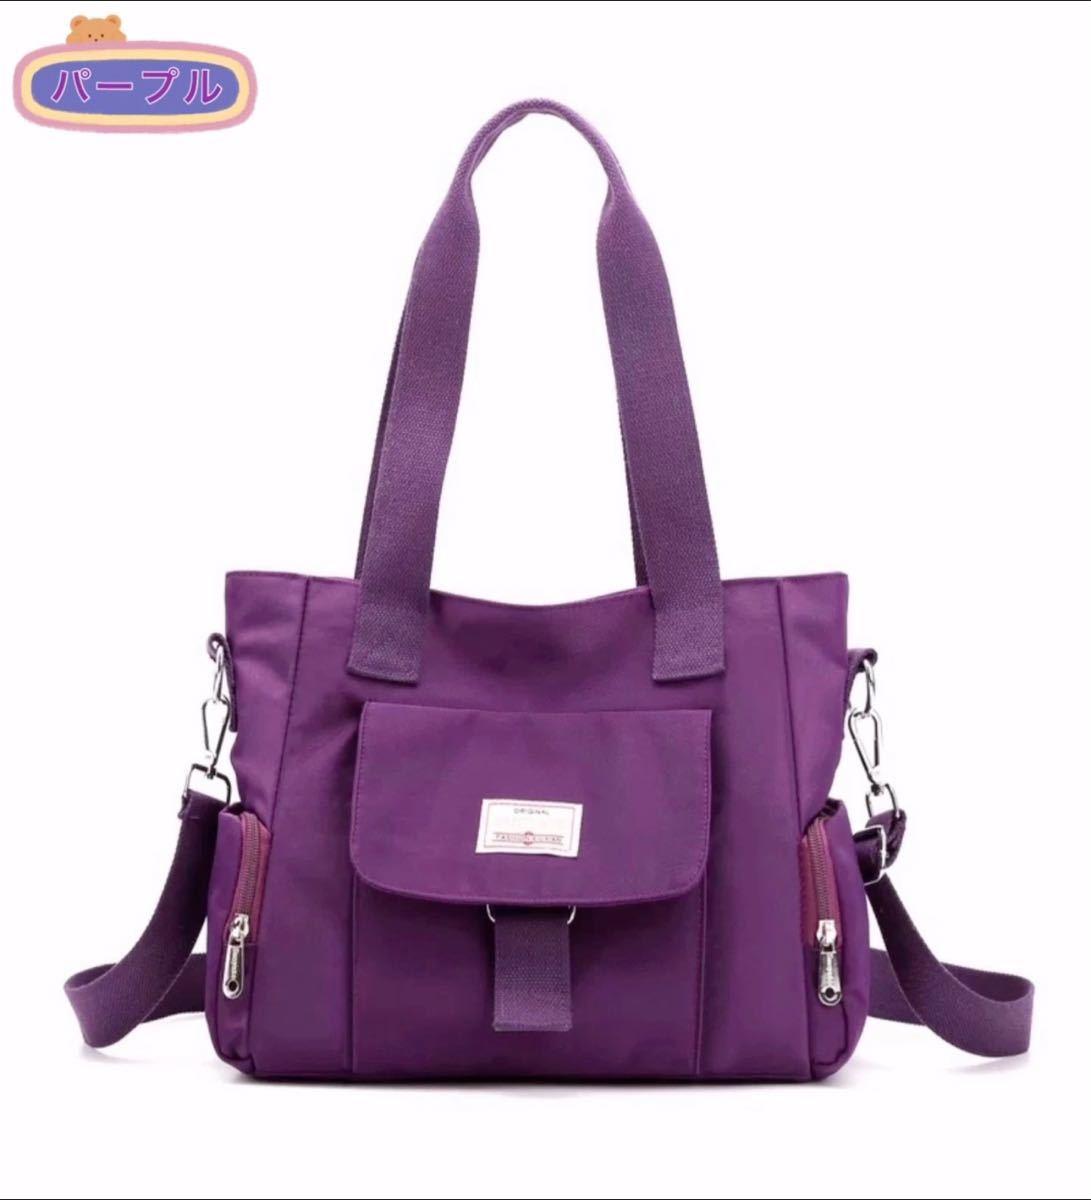 ショルダーバッグ トートバッグ トートバック 多機能 大容量 2way ナイロン 撥水加工 パープル 紫色